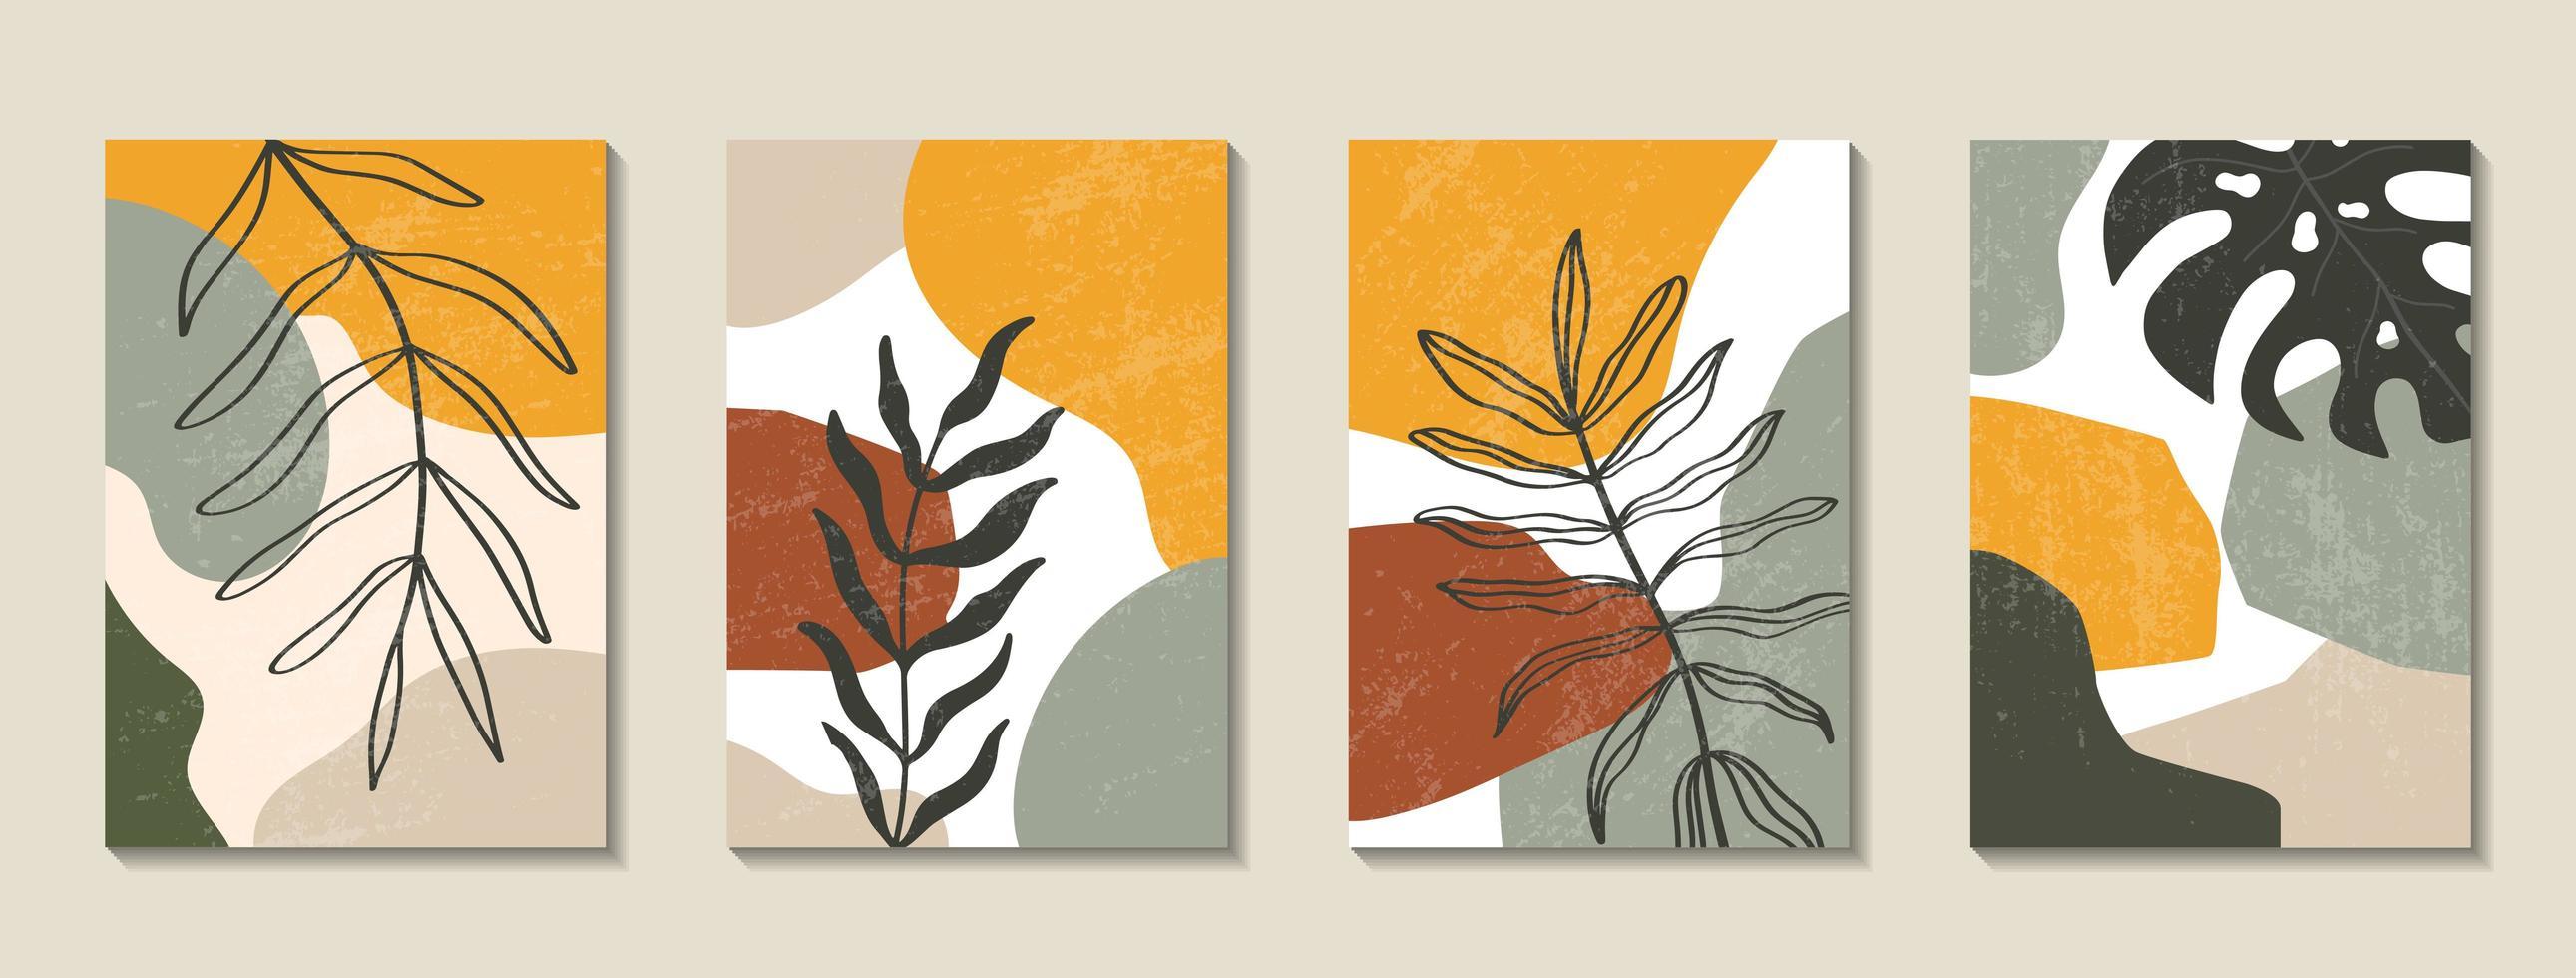 Reihe von Plakaten mit Elementen tropischer Blätter und abstrakter Formen vektor